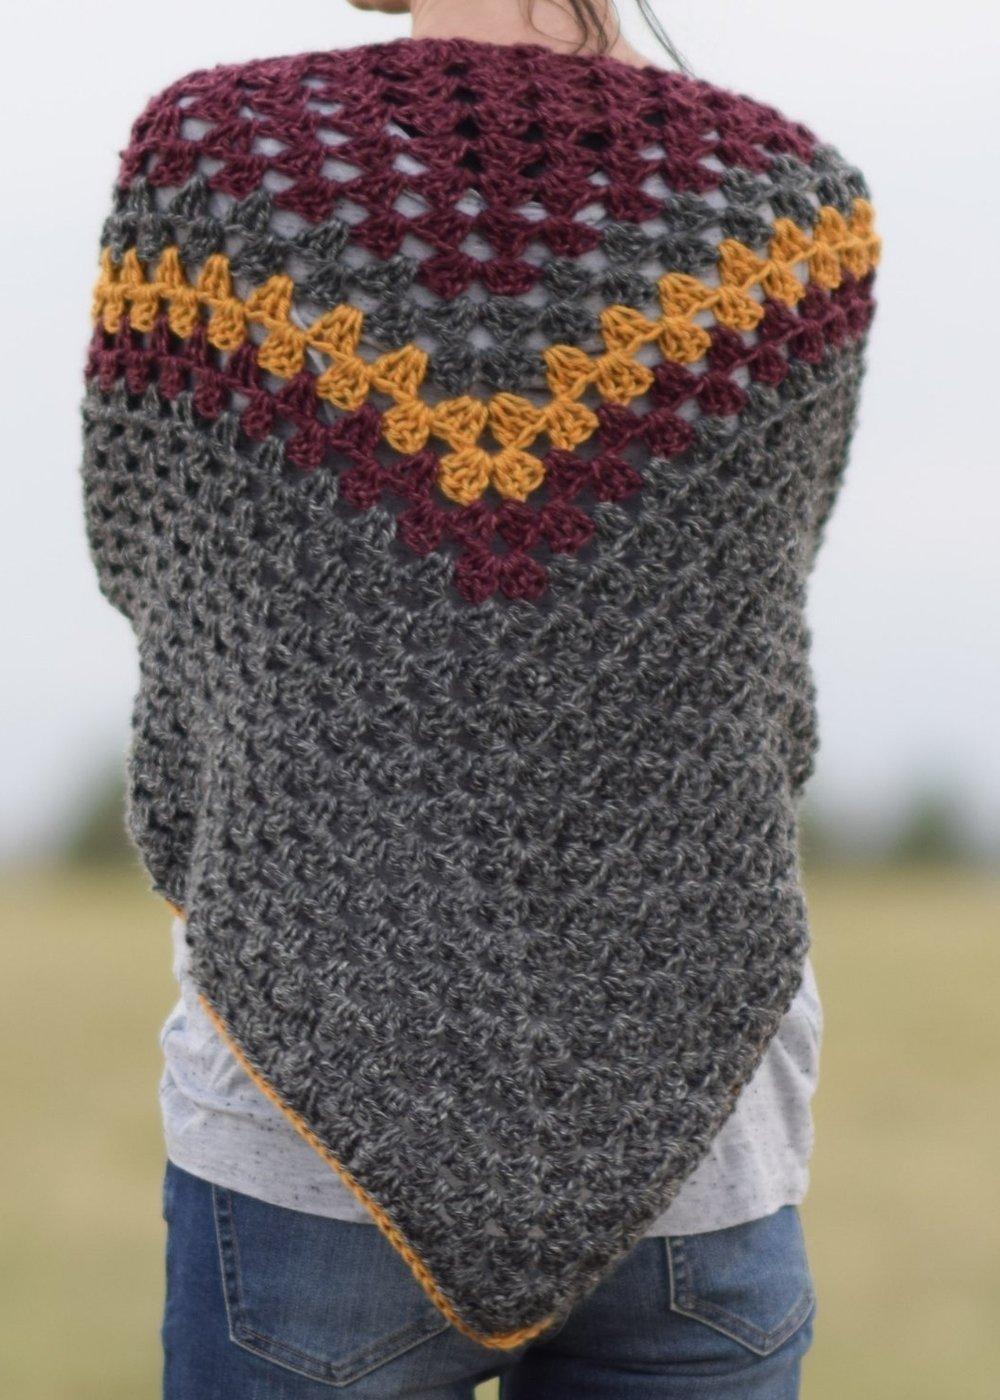 Smoky Mountains Triangle Wrap by Mama in a Stitch